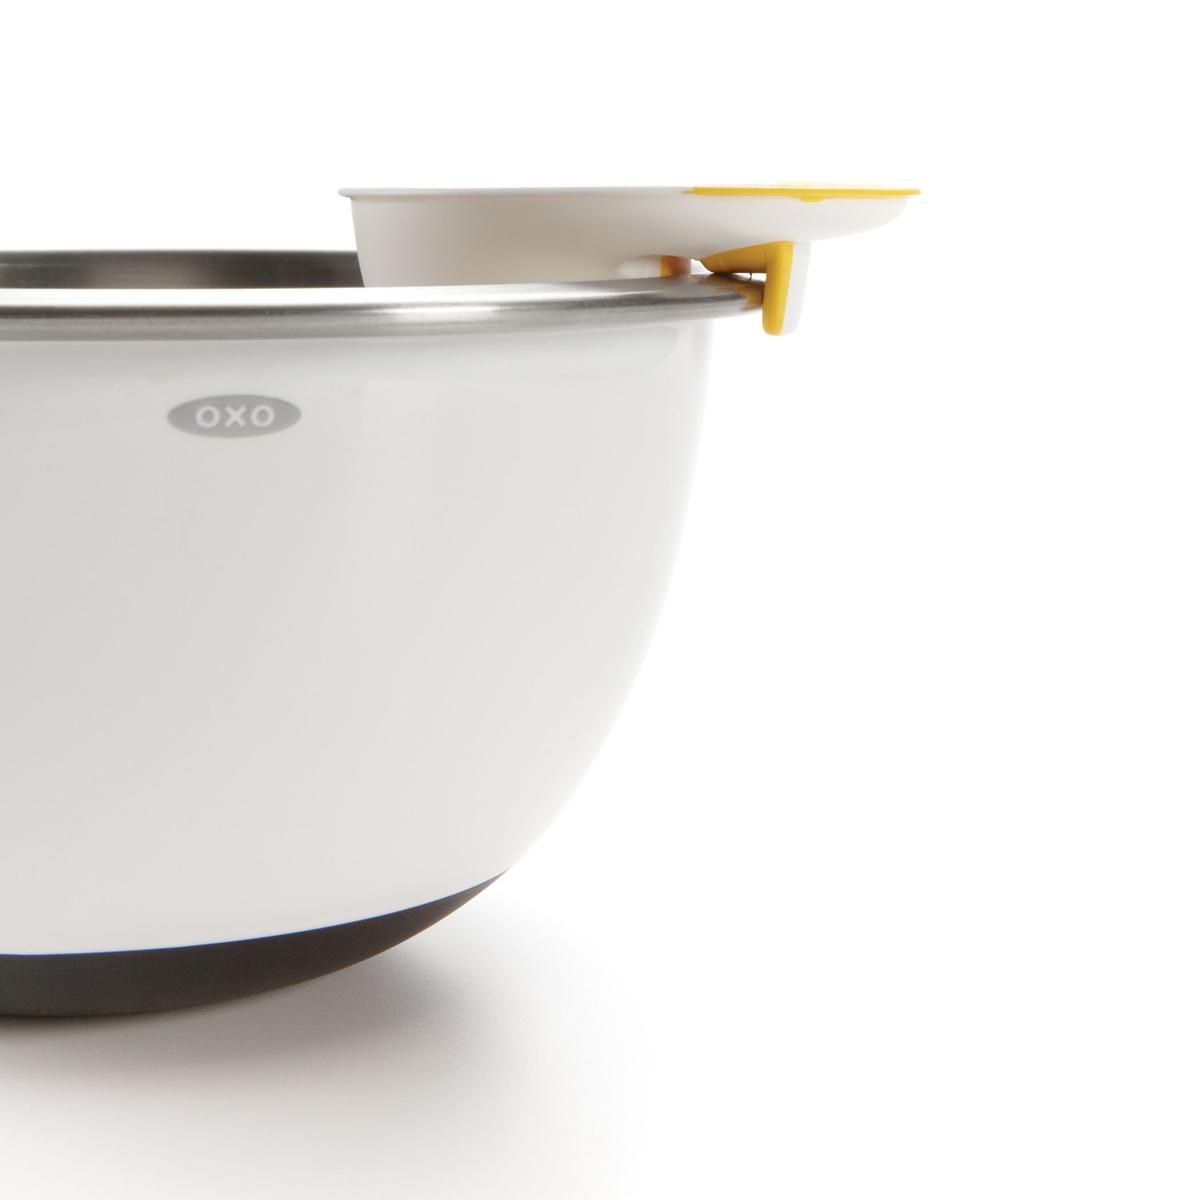 Сепаратор для яиц OXO COOKING UTENSILS, 4х12х22 см, белый OXO 1147780 фото 6